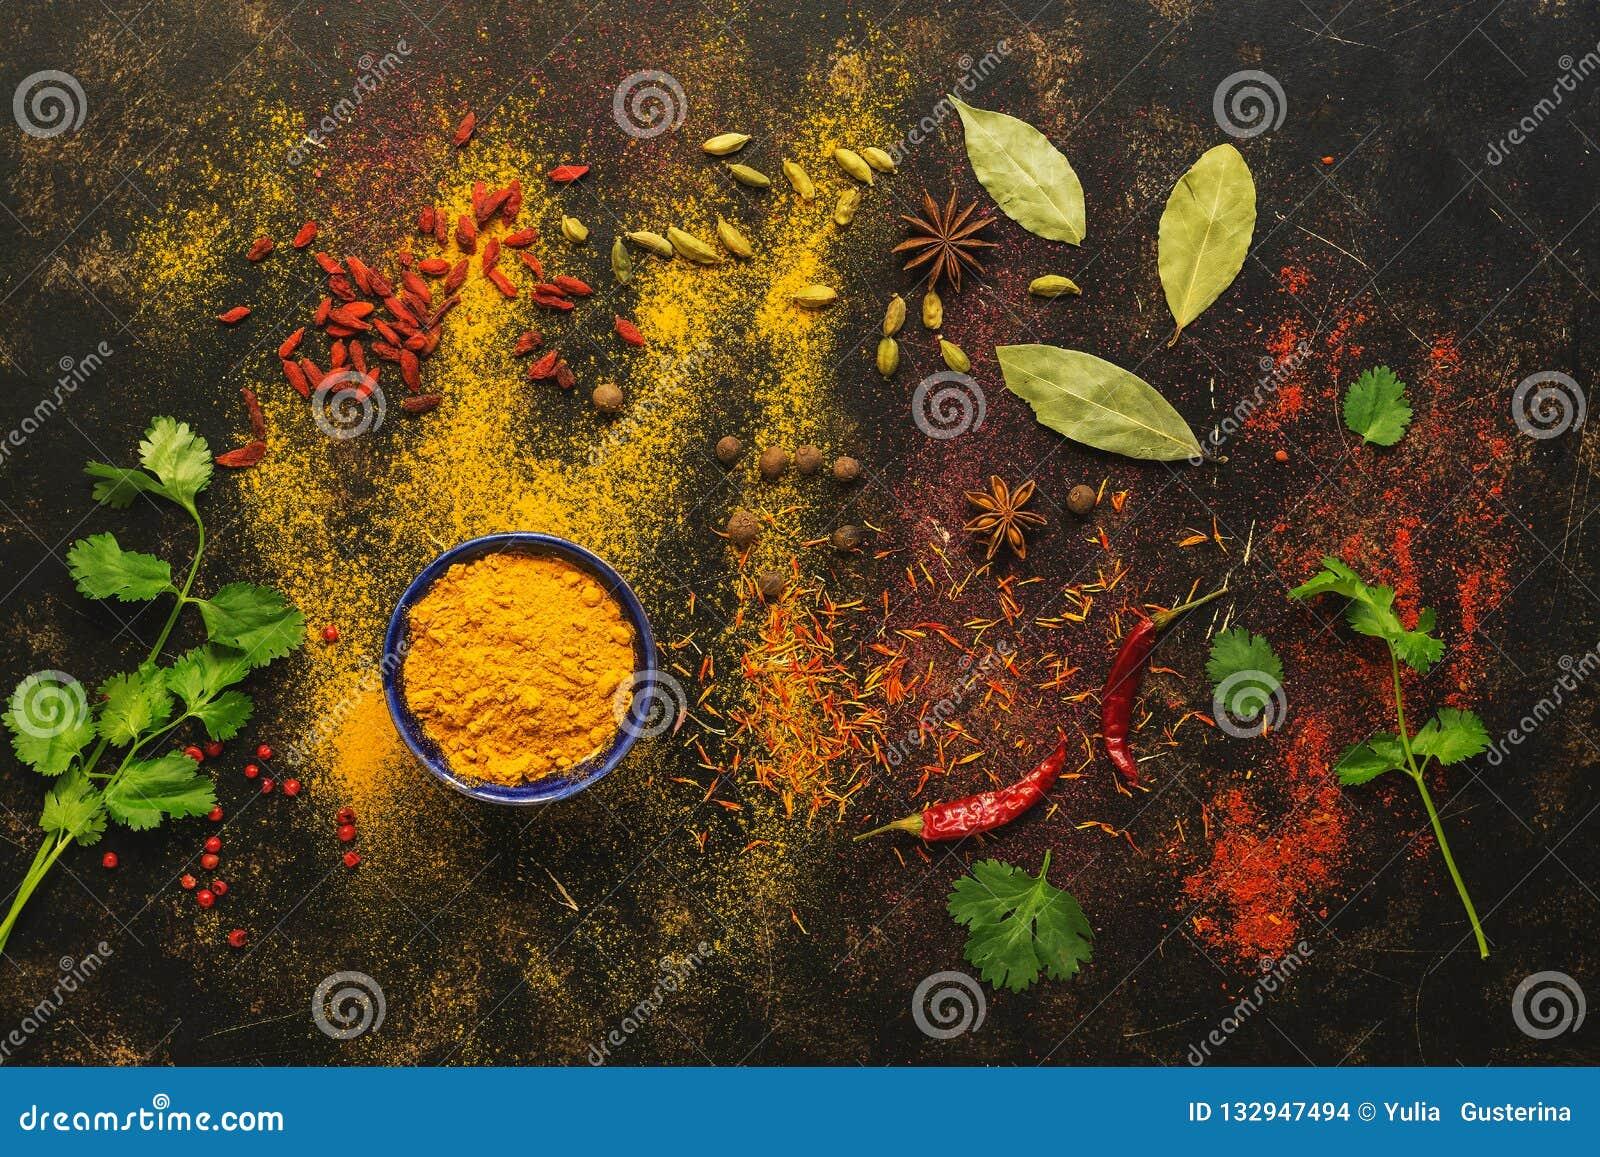 在黑暗的背景的香料,姜黄,番红花,豆蔻果实,辣椒,辣椒粉,香菜,月桂叶 各种各样色的香料